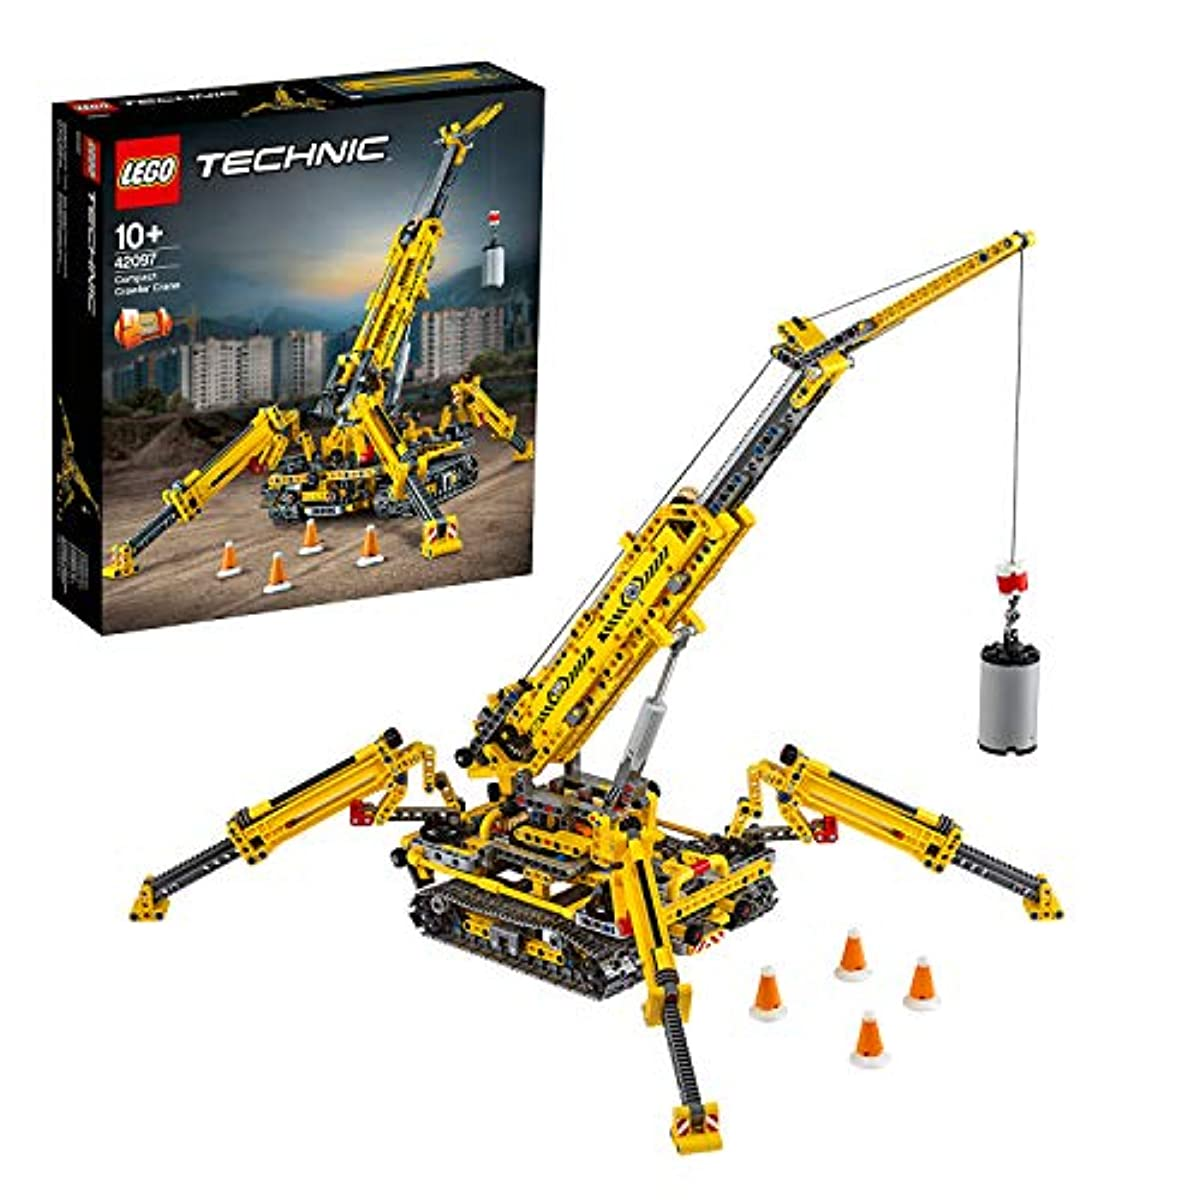 [해외] 레고(LEGO) 테크닉 스파이더 크레인 42097